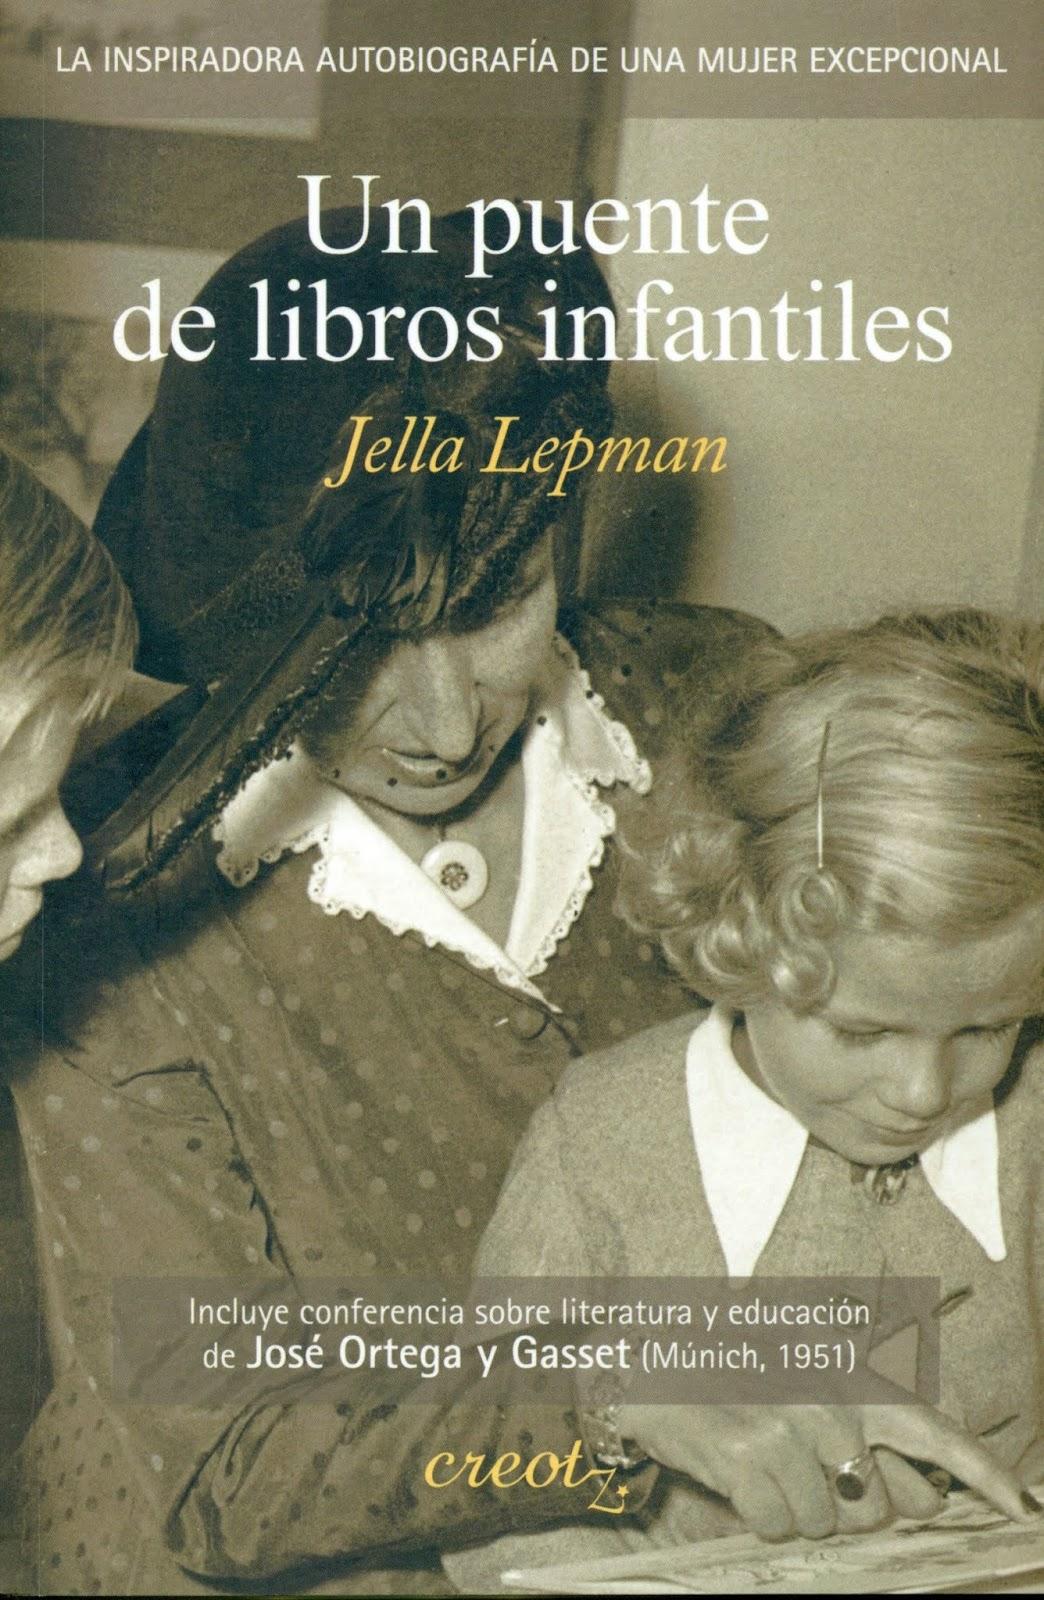 Jella Lepman: Un puente de libros infantiles. (Creotz Ediciones. Traducción  de Augusto Gely) 244 págs. Muy poco se está hablando de esta reciente  traducción ...